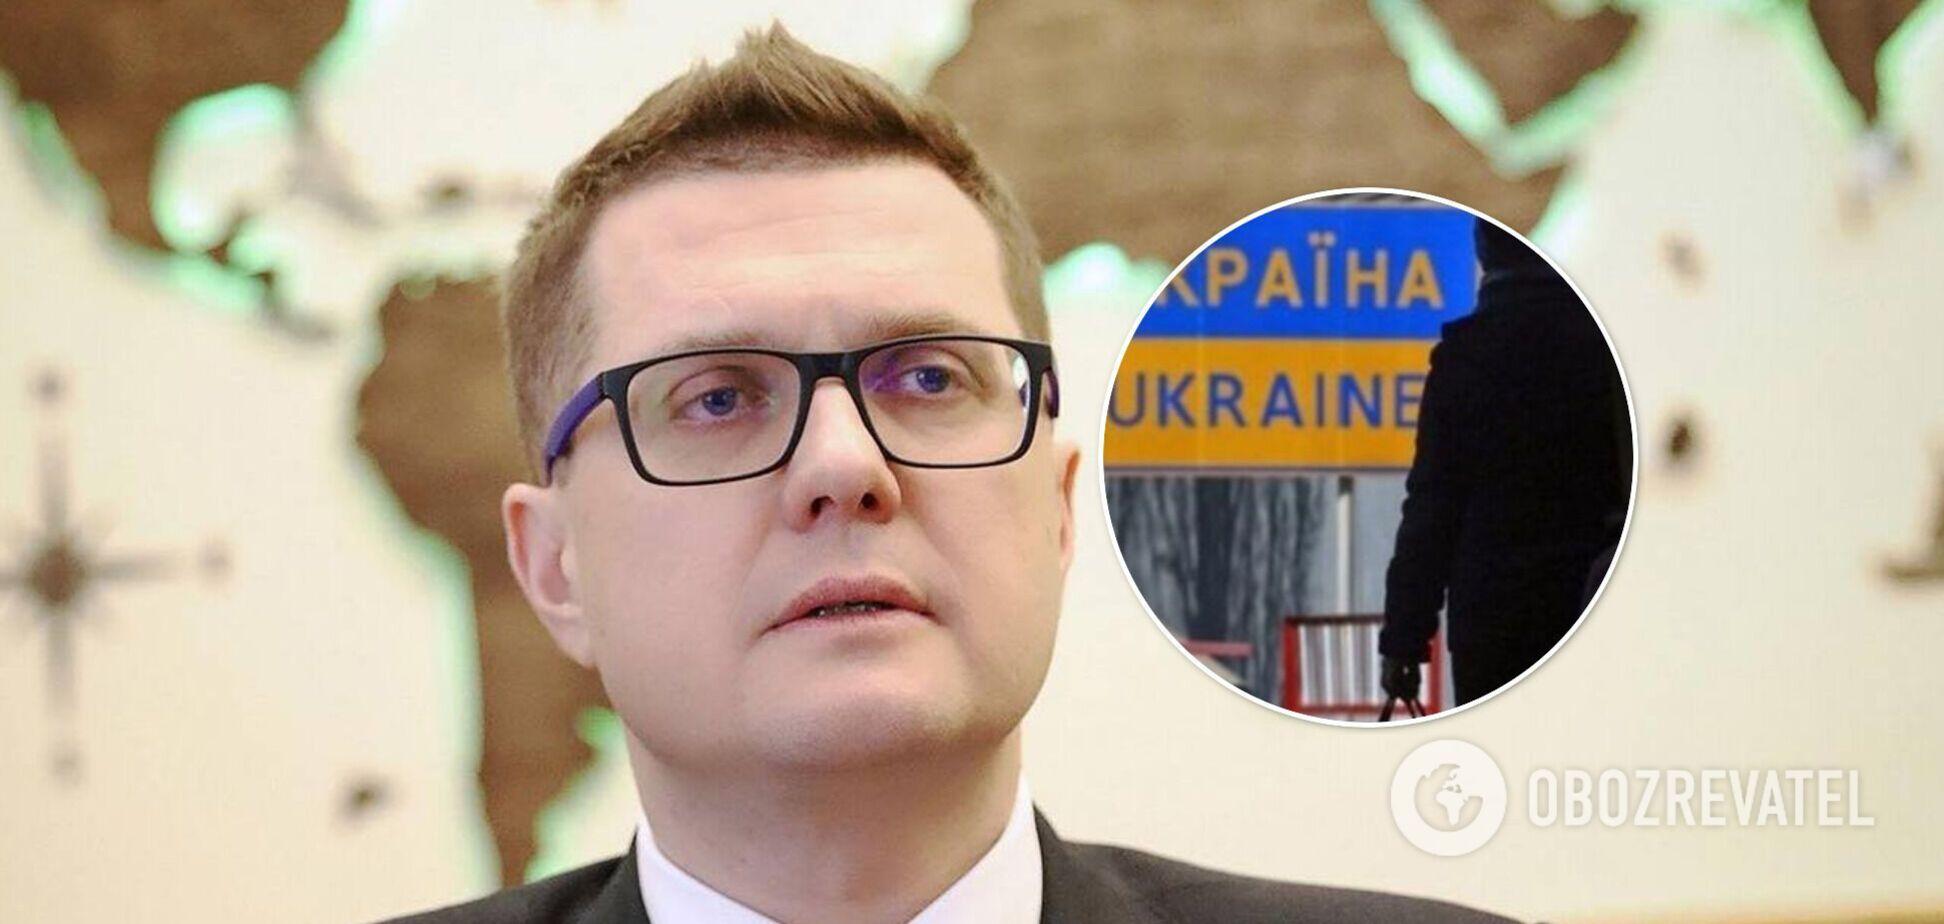 Медведчук для Росії займався вербуванням українських заробітчан – СБУ